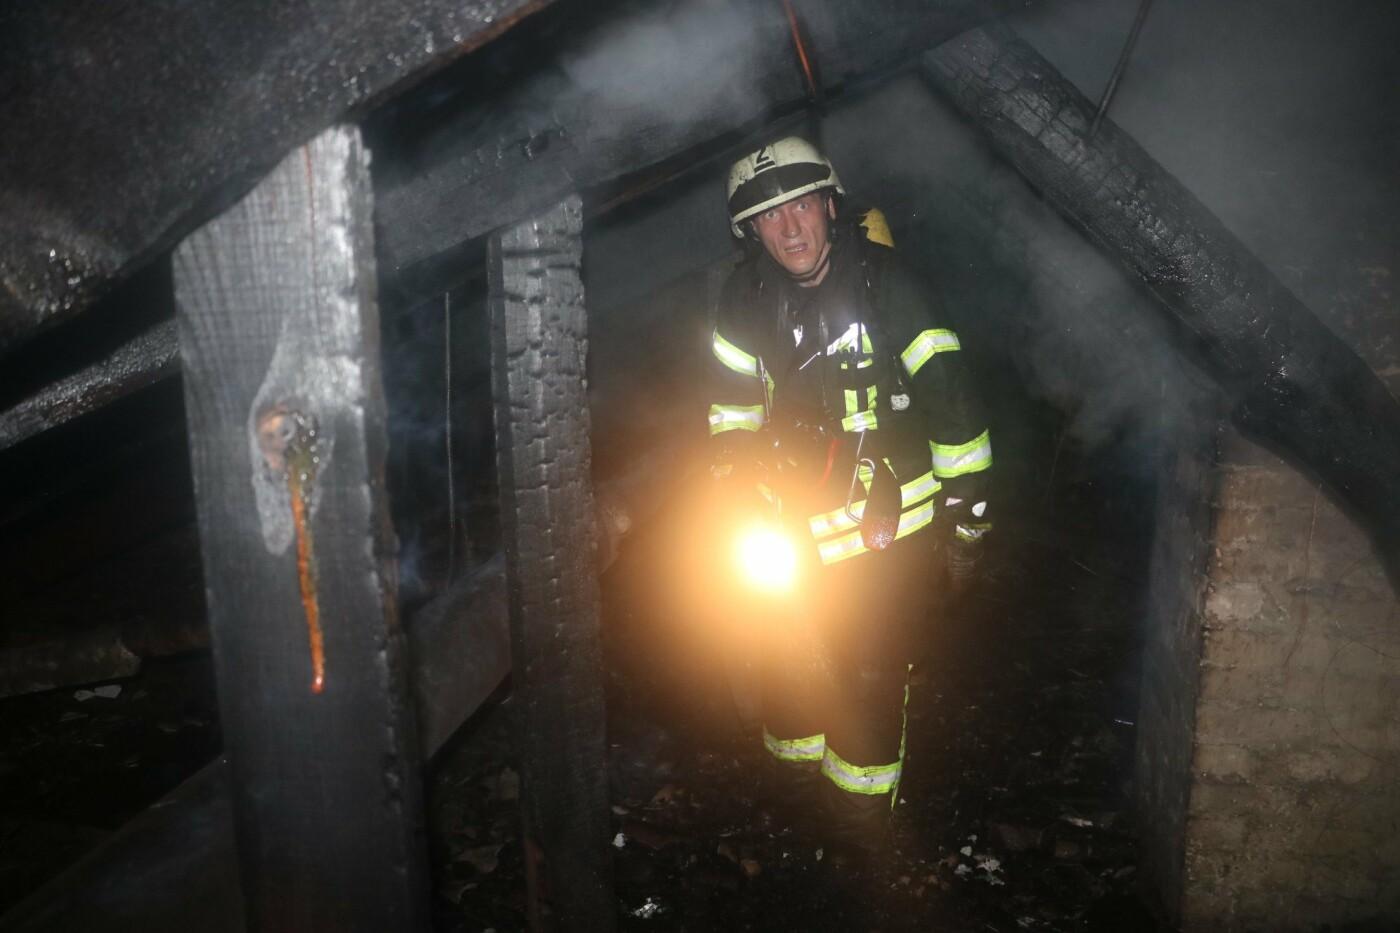 Ночью в Киеве горел жилой дом на улице Древлянской: жильцов пришлось эвакуировать, - ФОТО, фото-1, Фото: ГУДСНС в Киеве